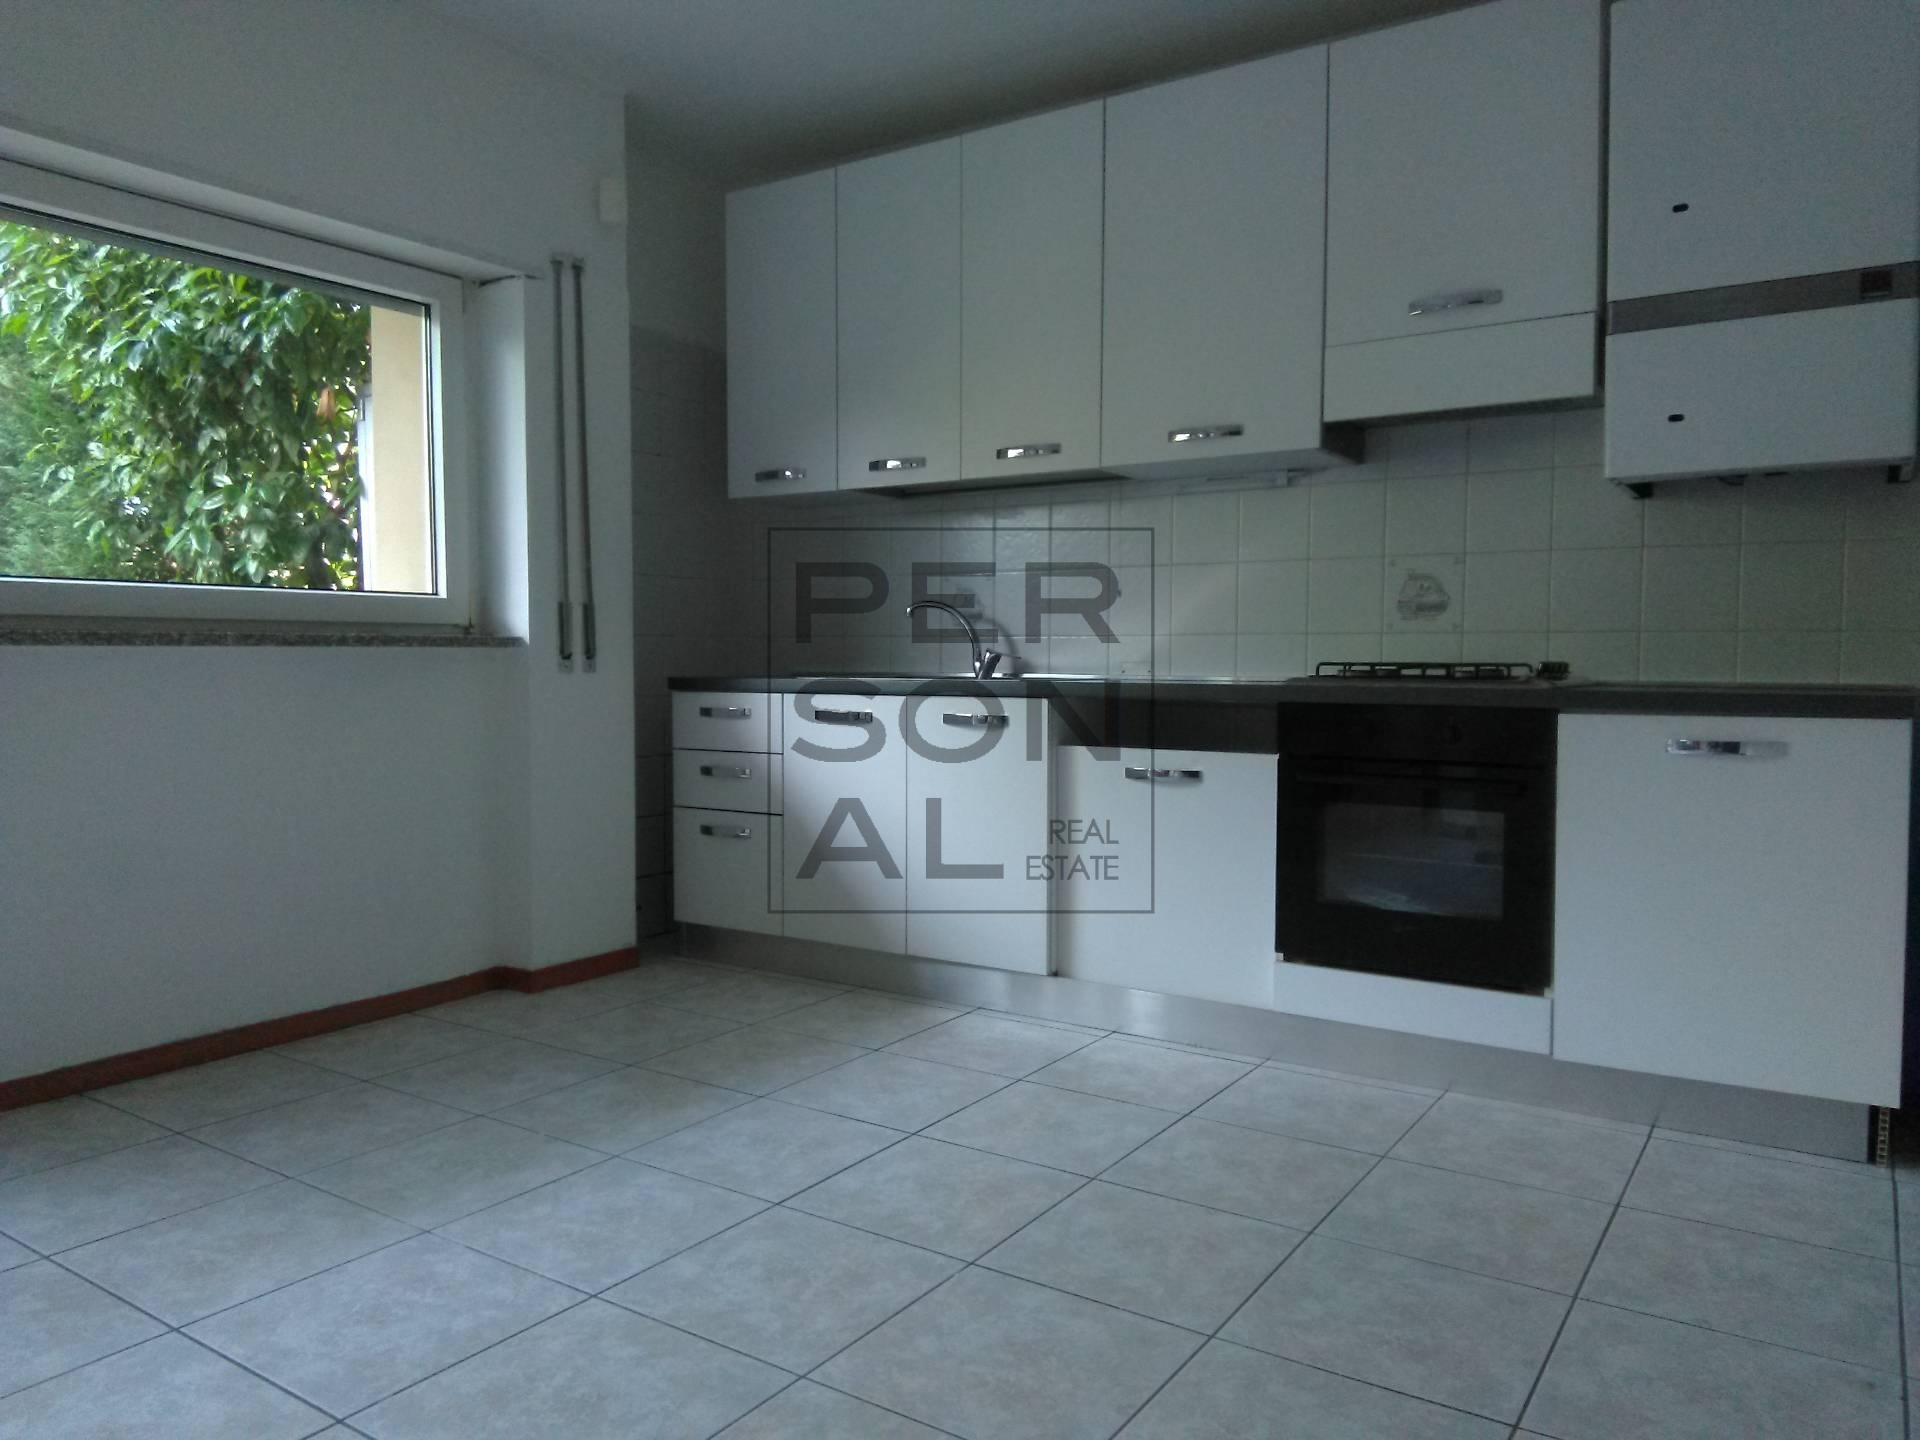 Appartamento in affitto a Trento, 2 locali, zona Località: MadonnaBianca, prezzo € 500 | CambioCasa.it